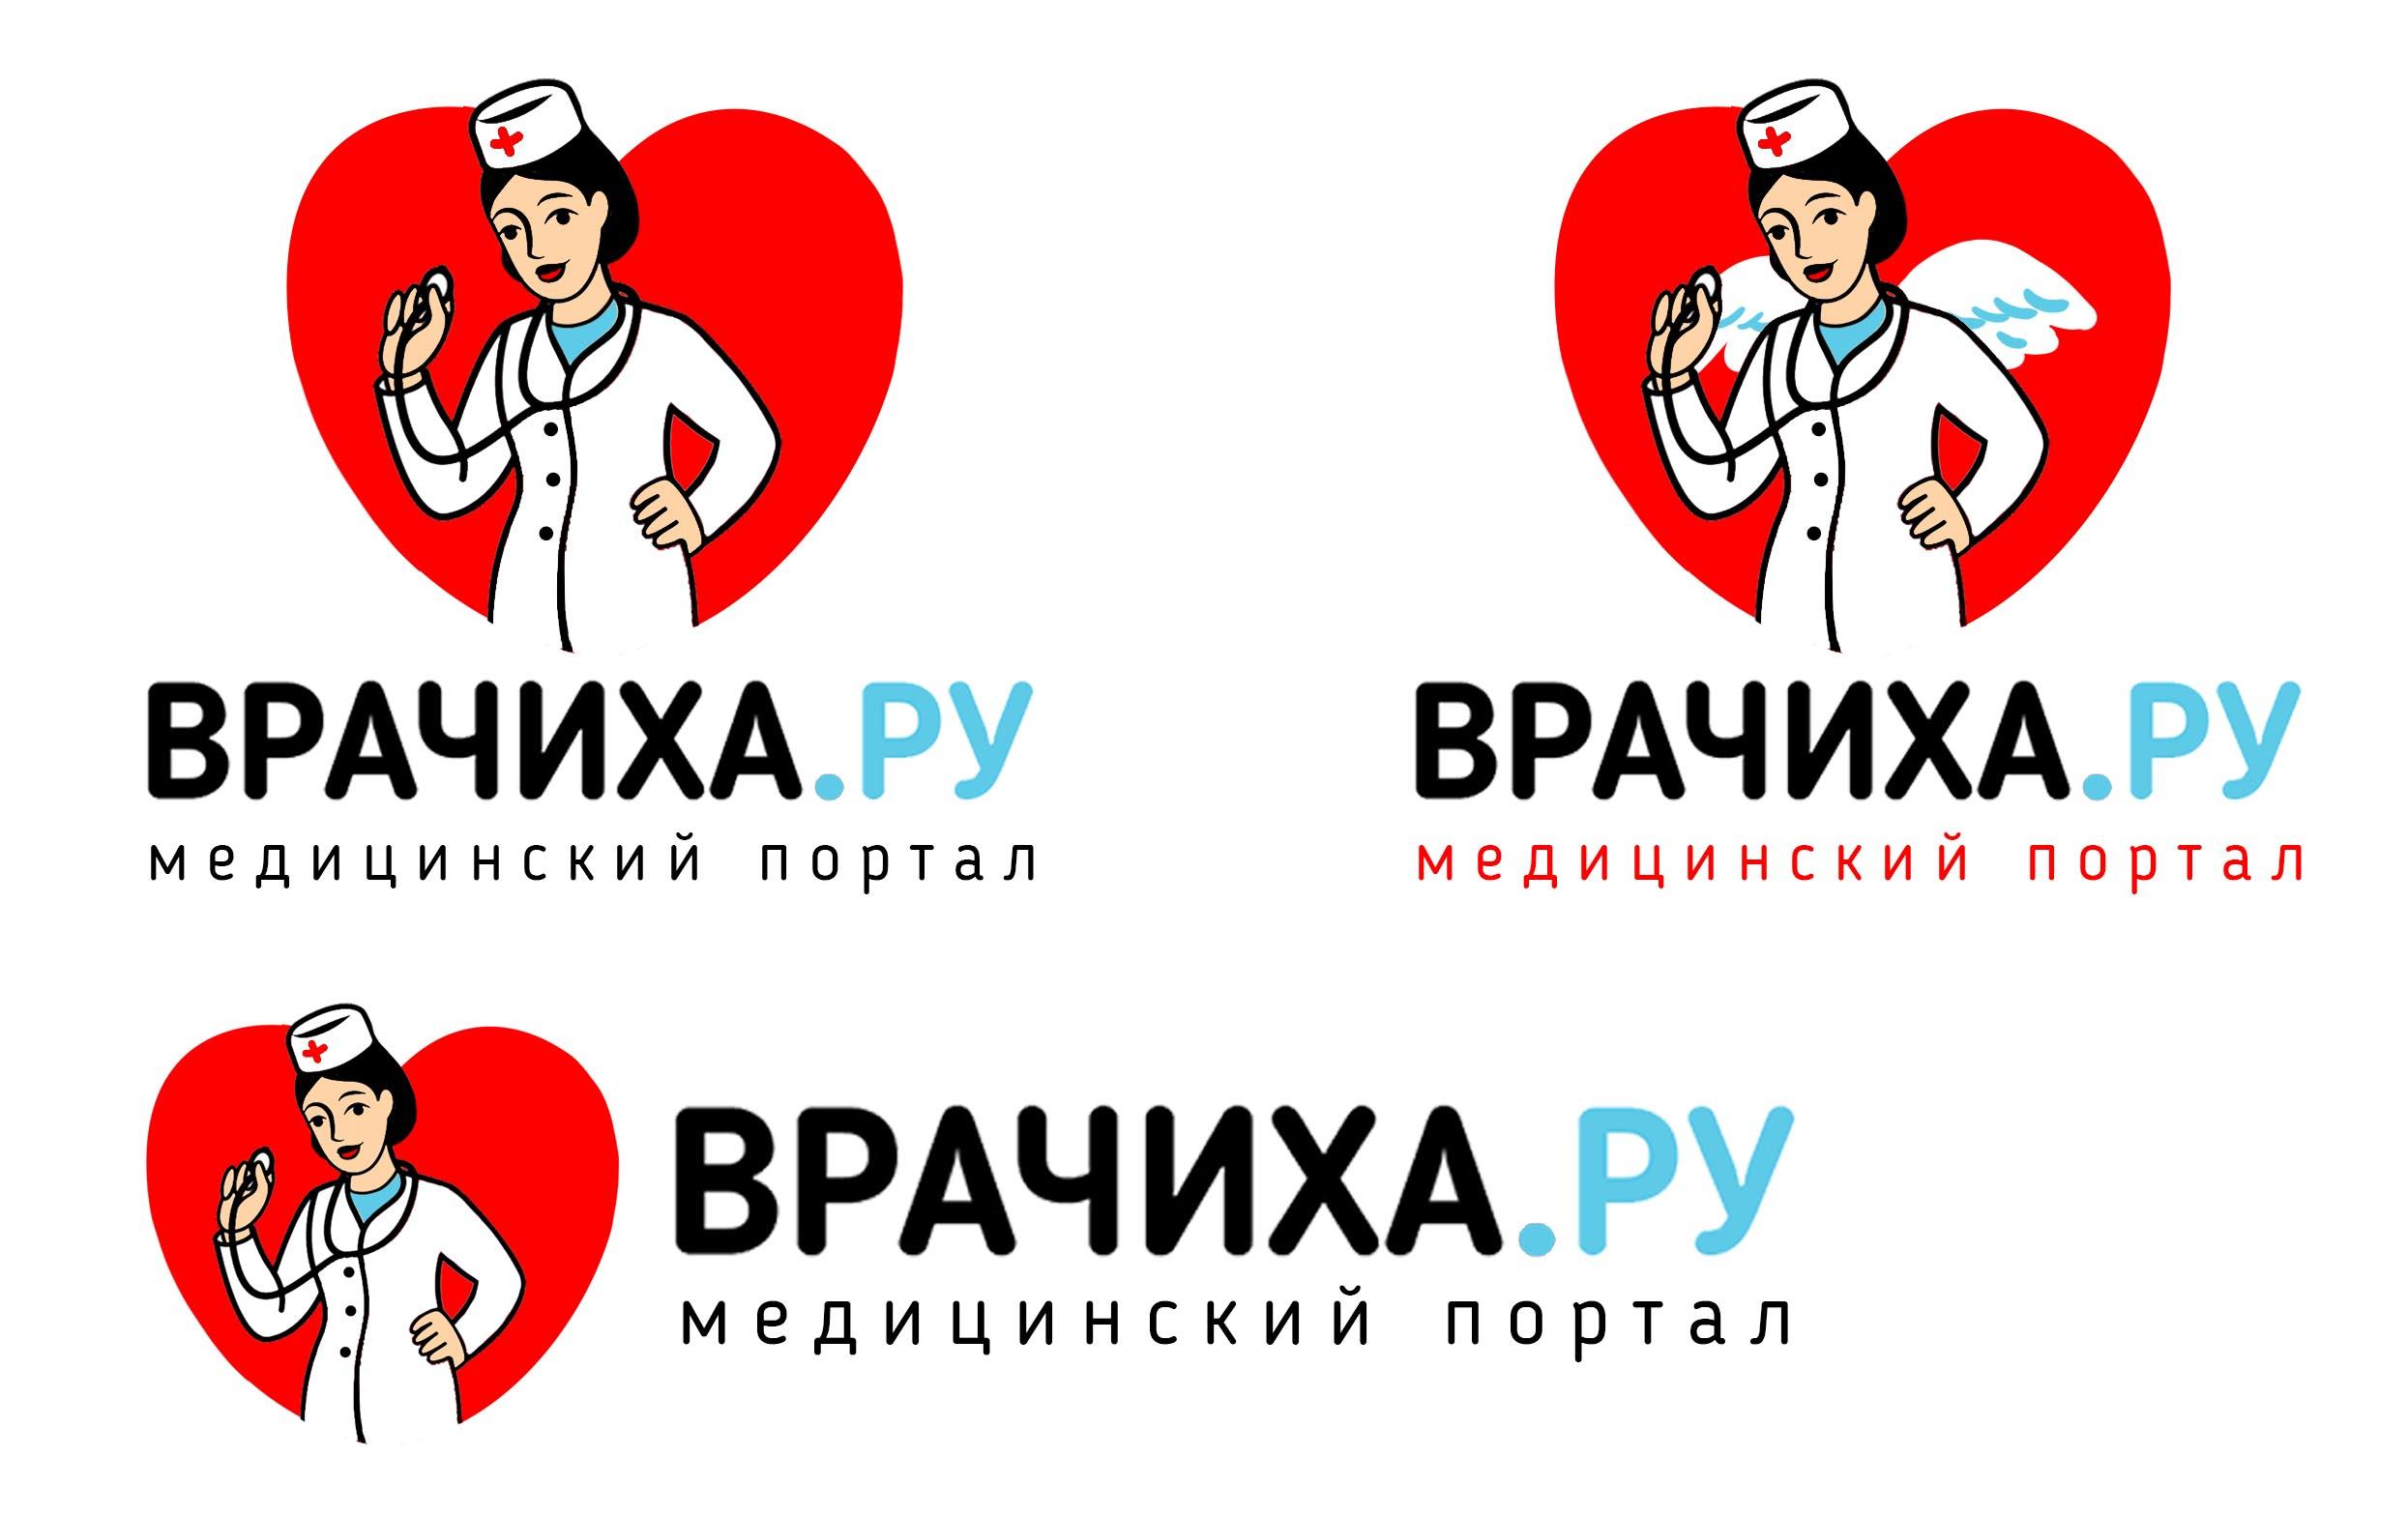 Необходимо разработать логотип для медицинского портала фото f_7885c01cea706972.jpg